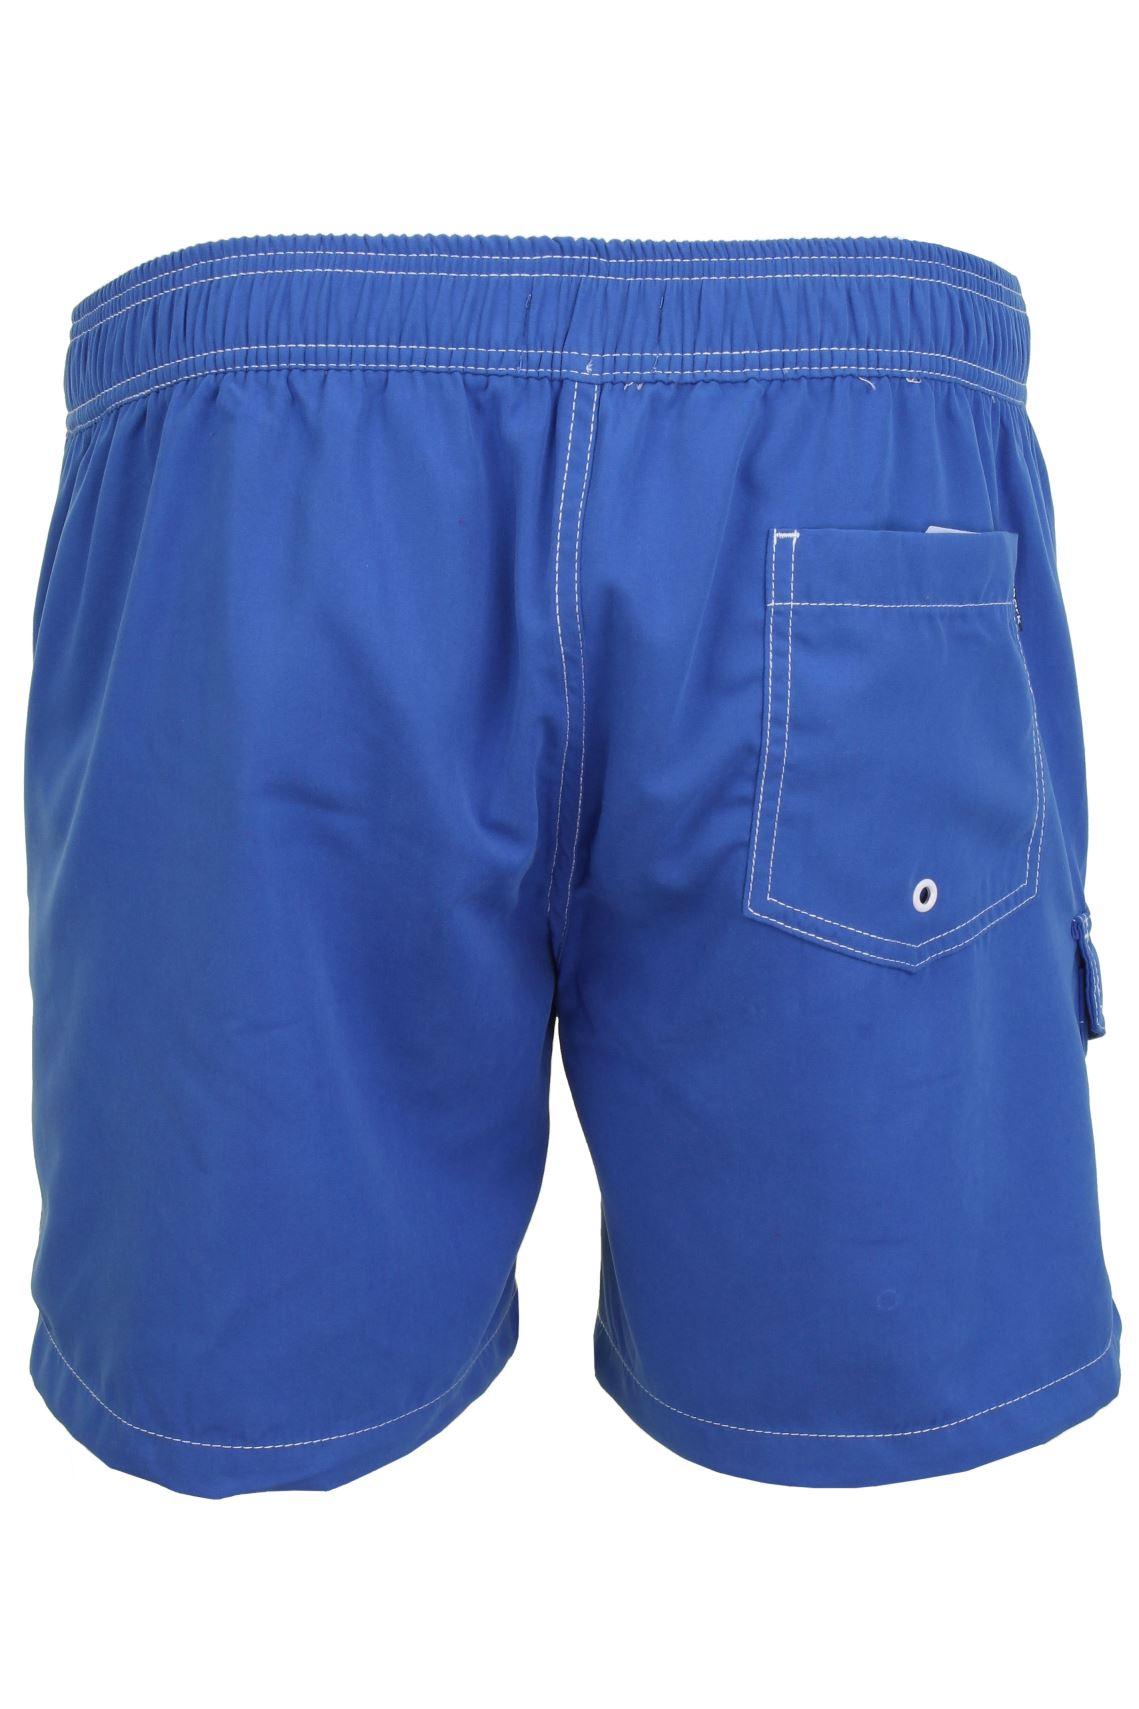 [22% OFF] 2020 Shark Print Beach Board Shorts In BLACK | ZAFUL |Shark Board Shorts For Men